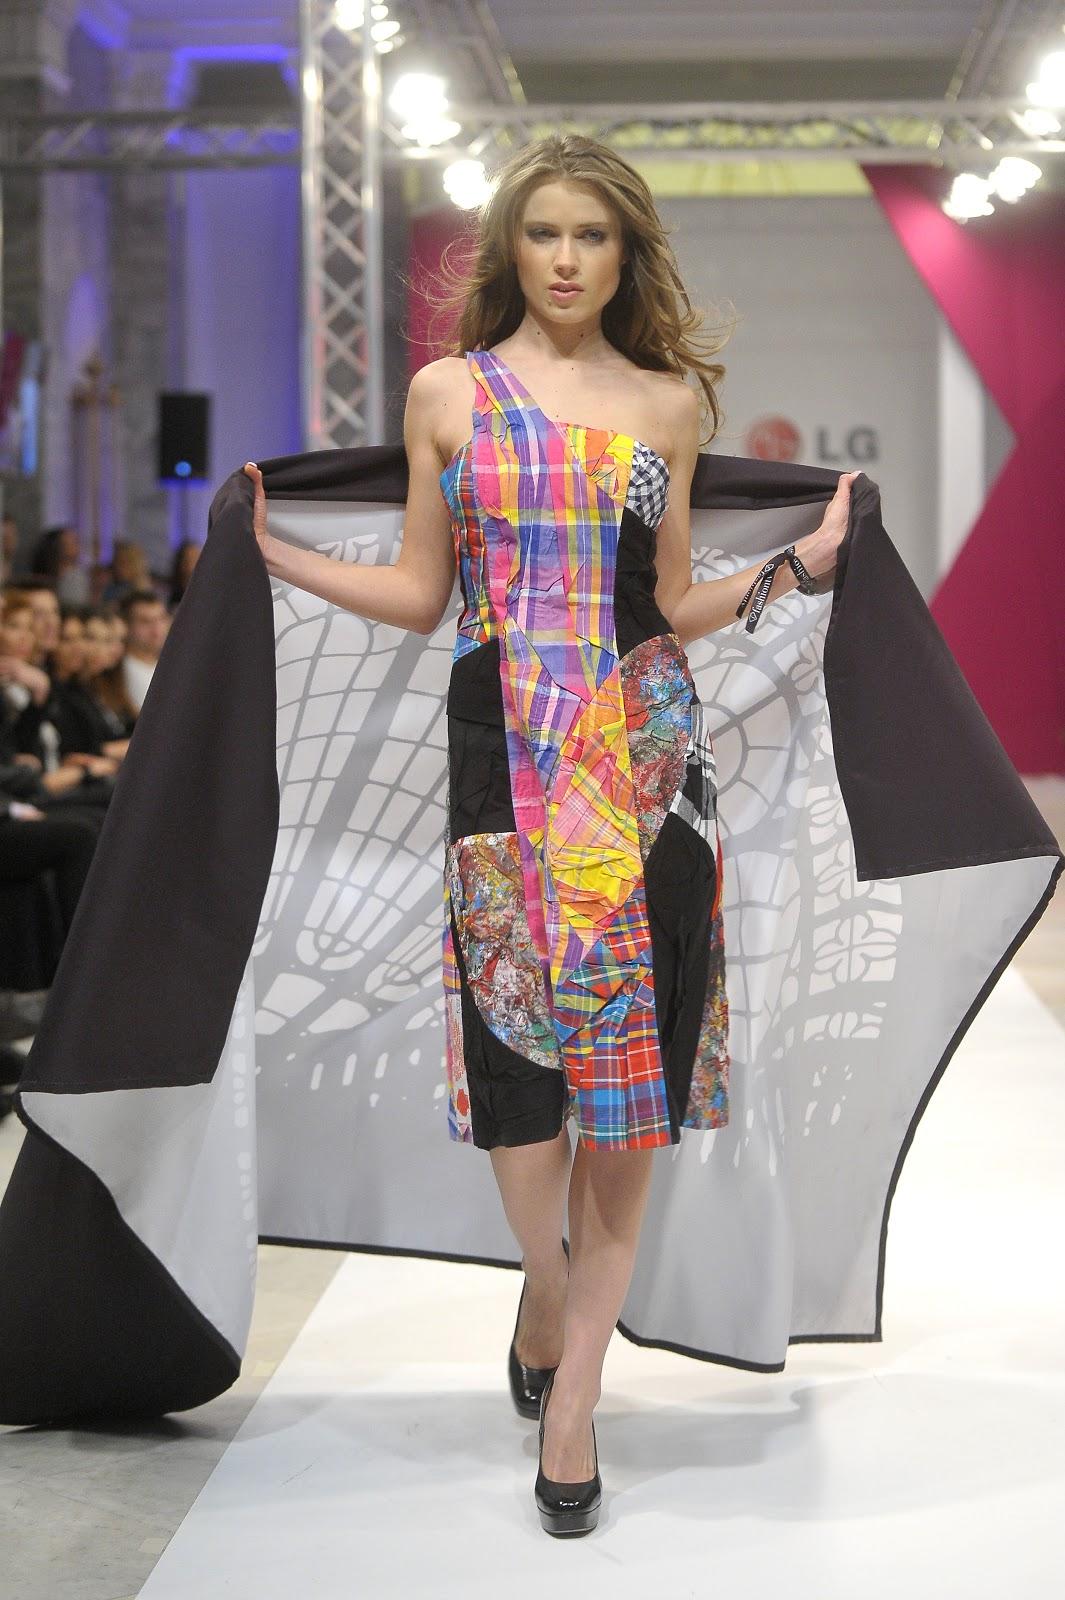 akpa20130130_lg_fashion_tv_2206.jpg